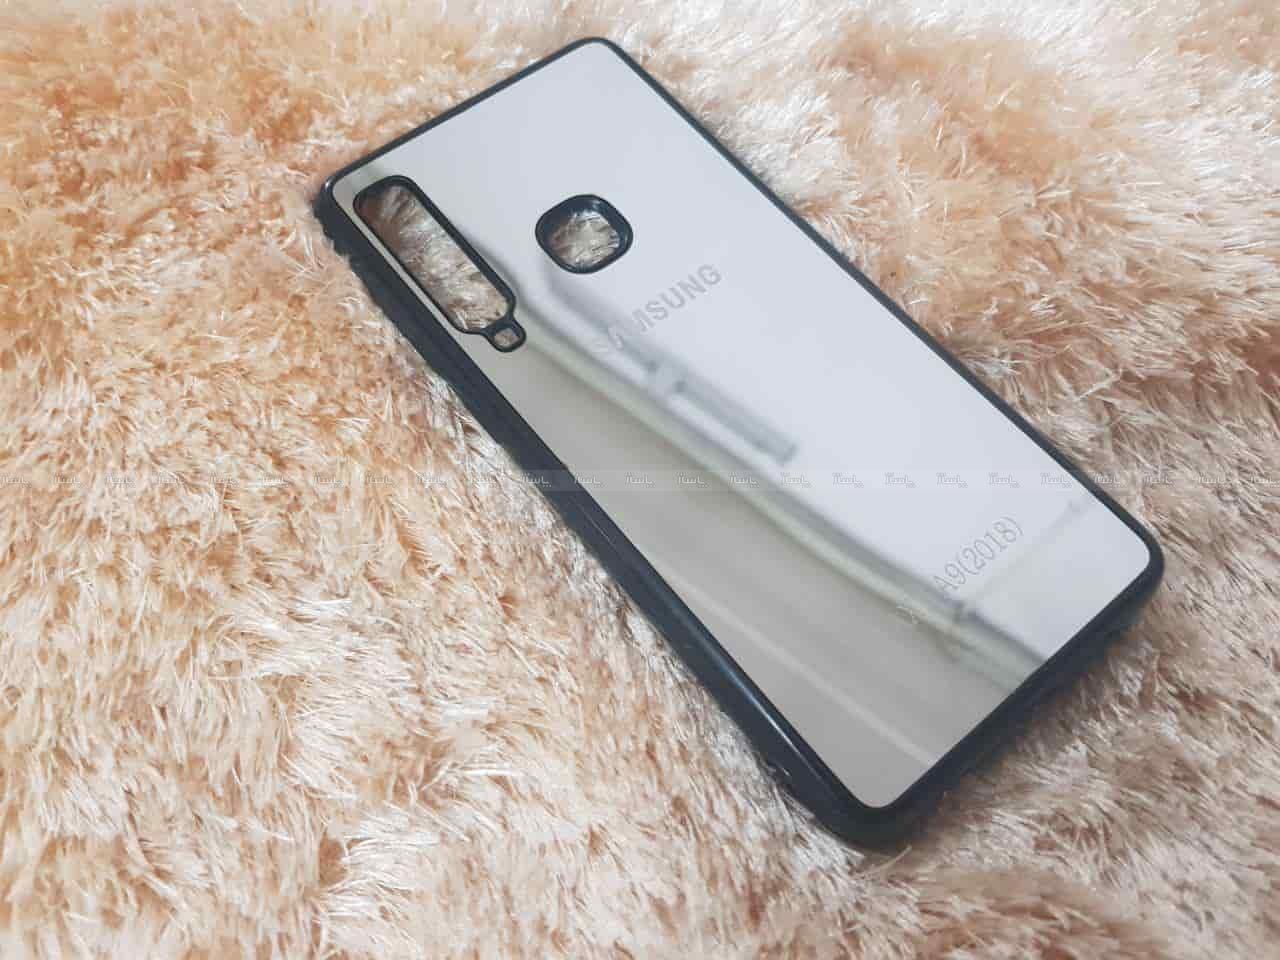 قاب آینه ای سامسونگ Mirror Case Samsung Galaxy A9 2018-تصویر اصلی